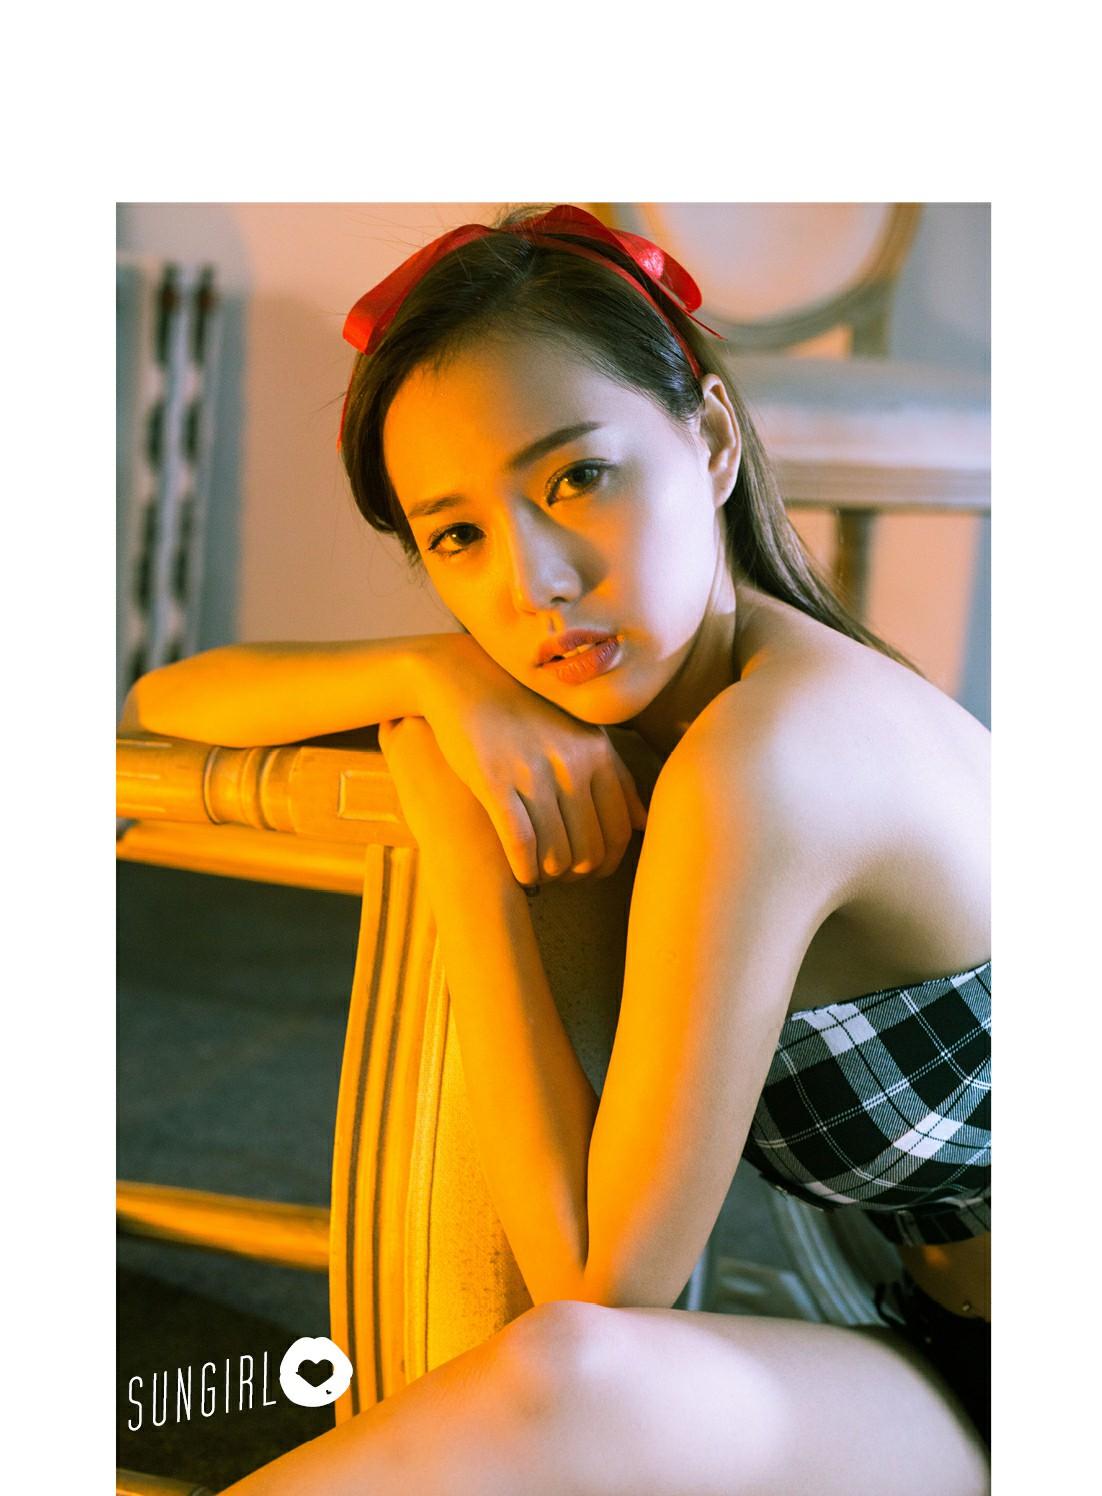 [SUNGIRL]阳光宝贝 No.021 Victoria的秘密 林薇多 线上写真